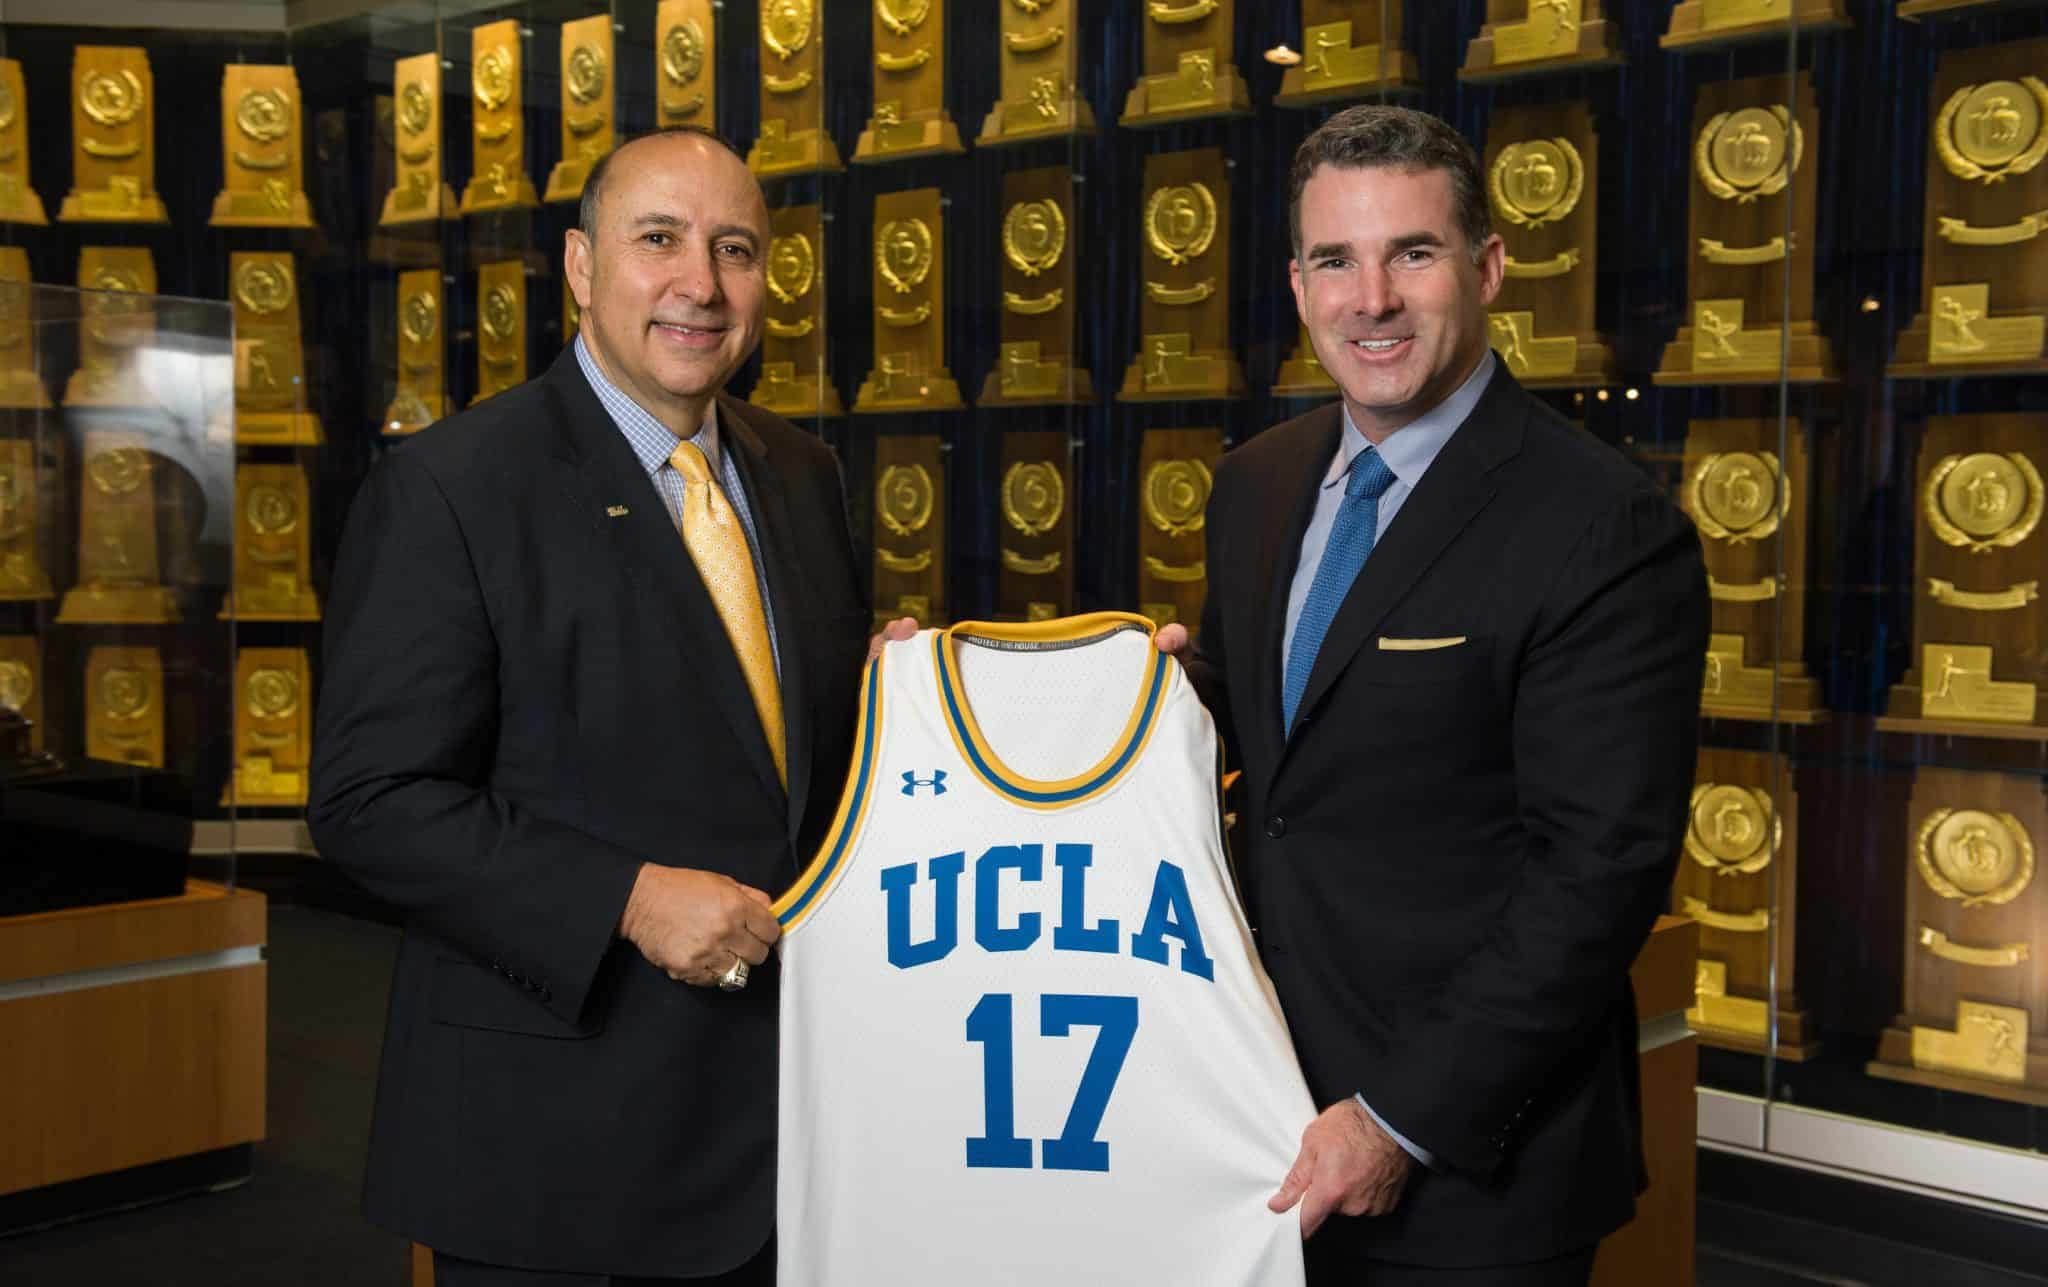 Nozze tra Under Armour e UCLA